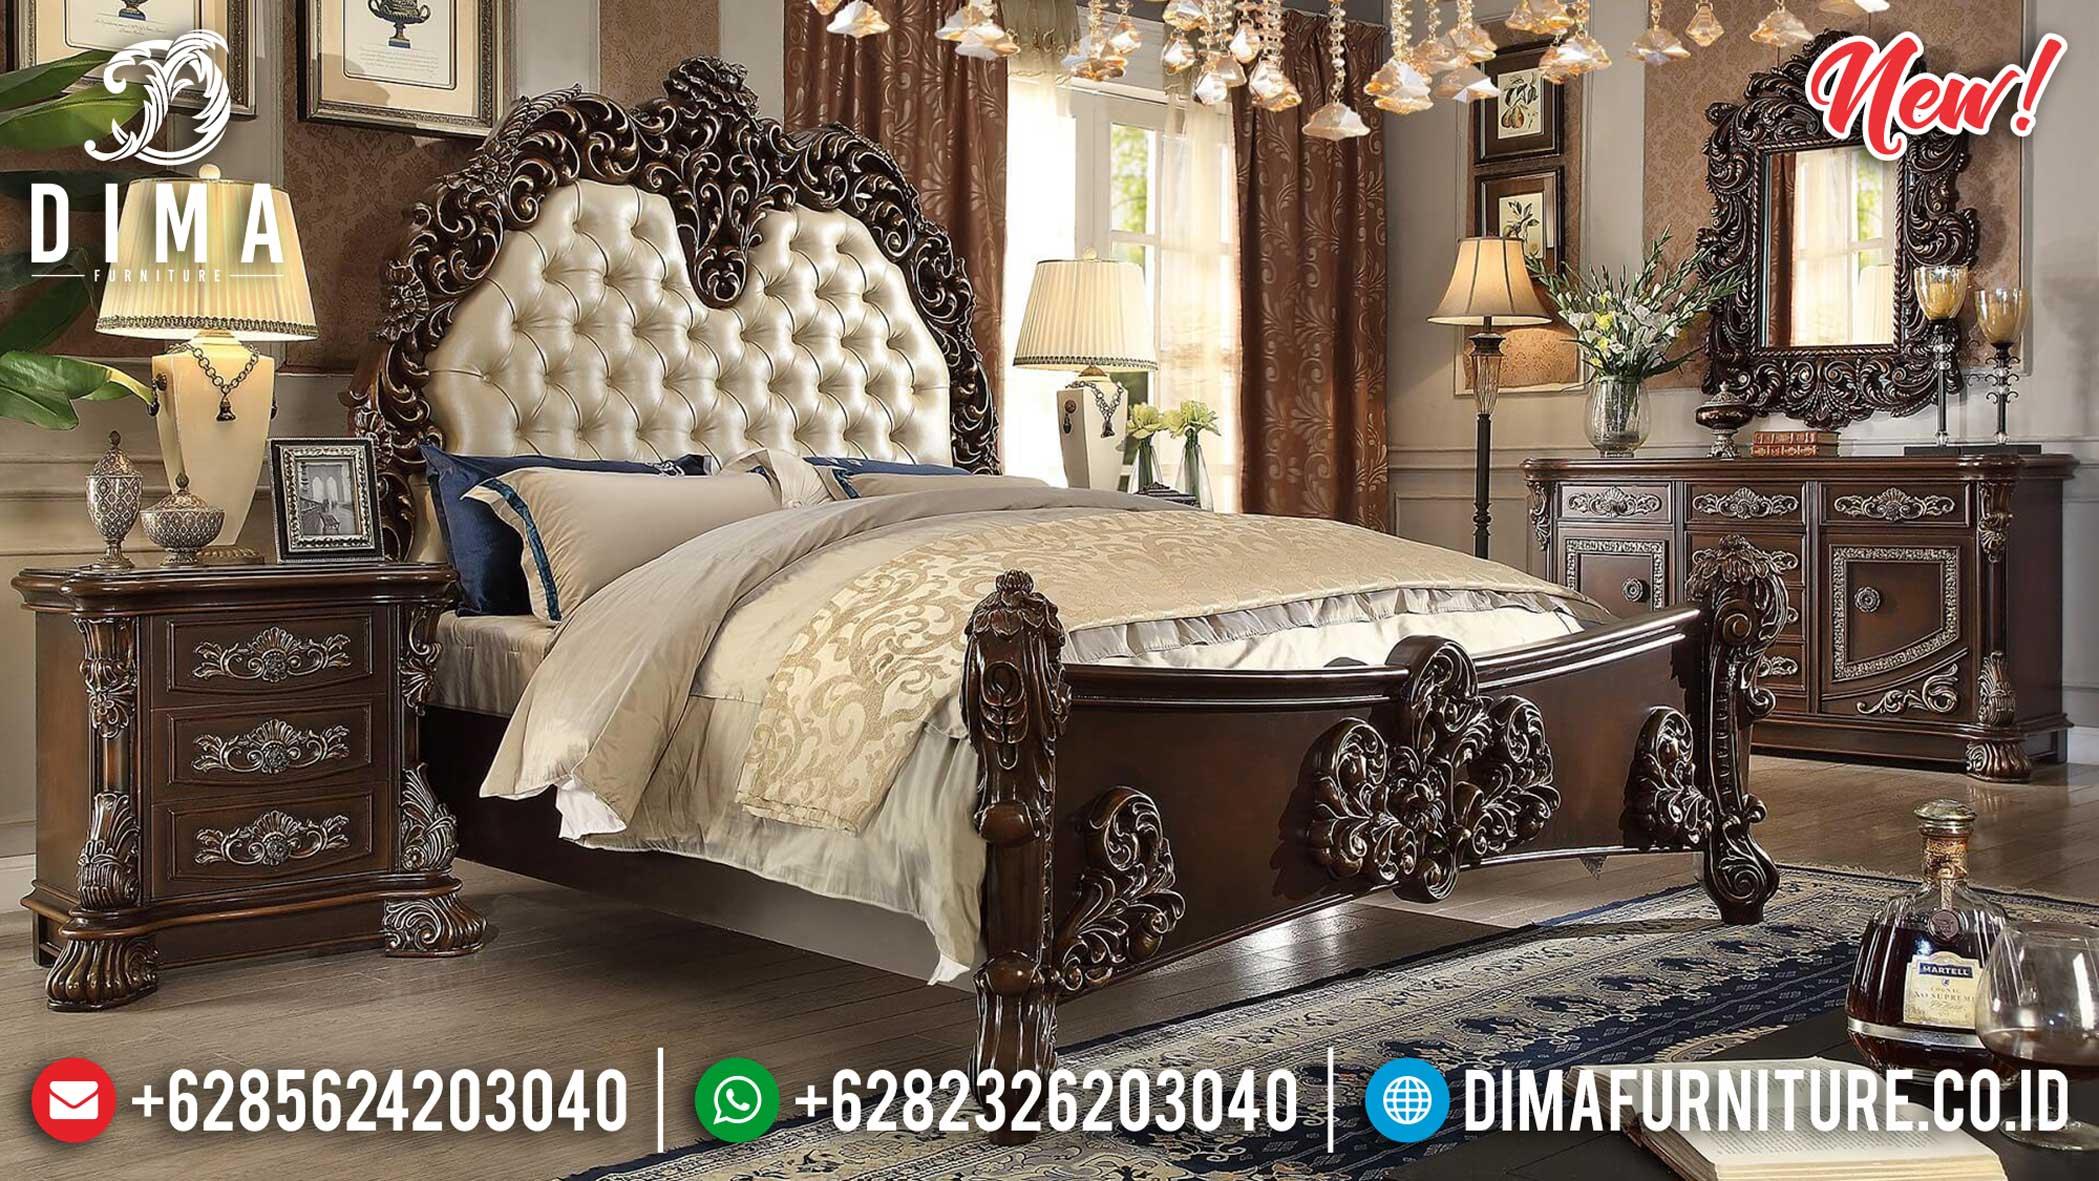 Harga Kamar Set Mewah Clarissa Natural Kayu Jati Luxury Carving Jepara TTJ-1166